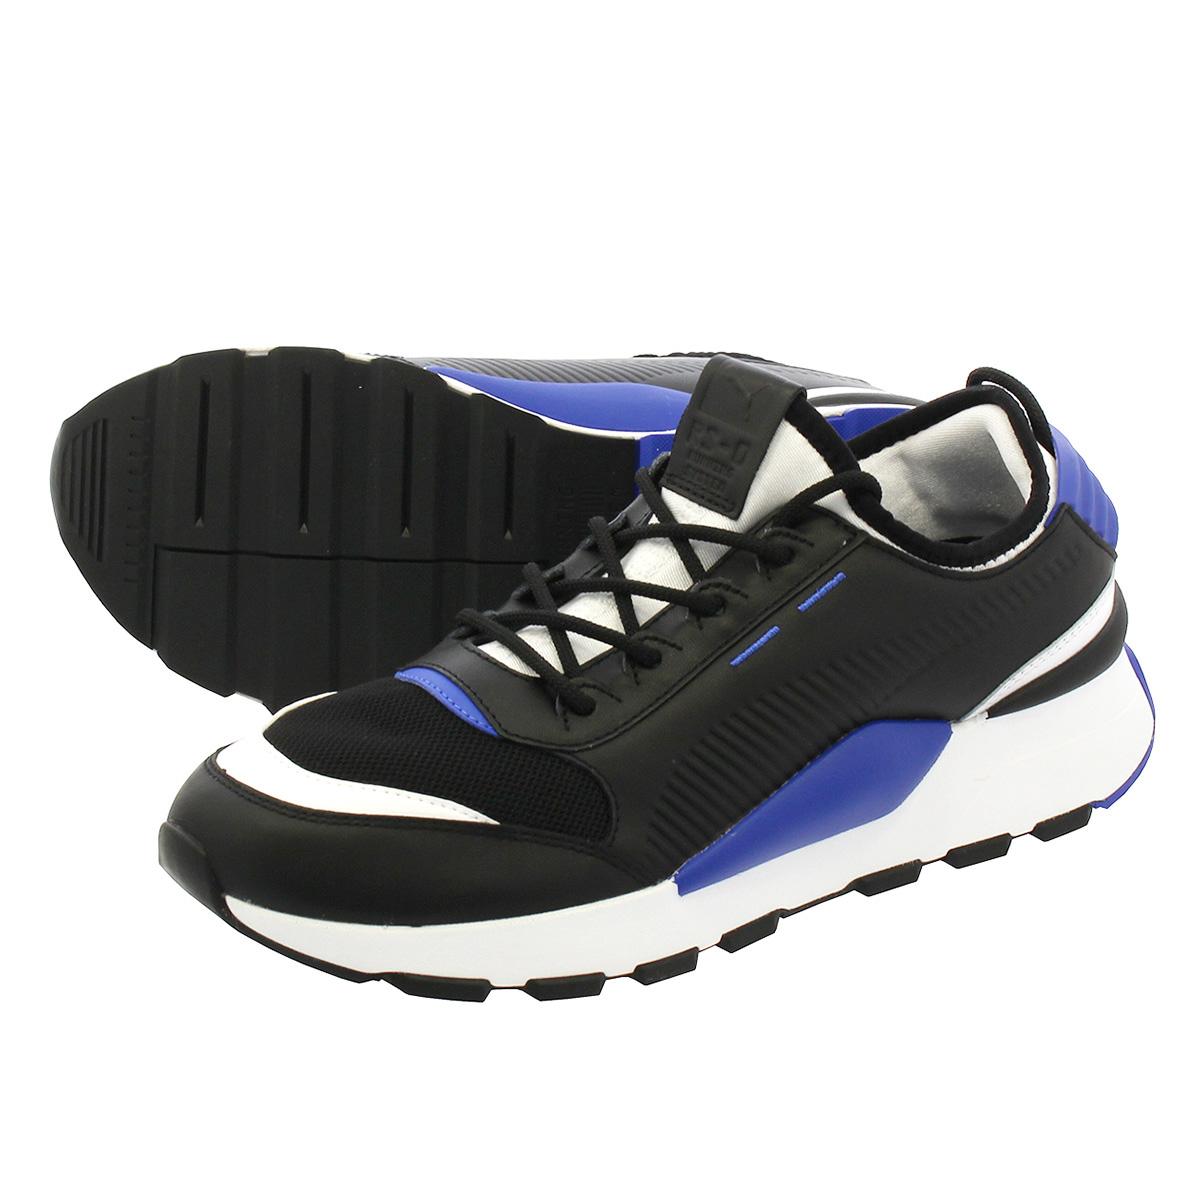 cd433b40f68eb7 LOWTEX PLUS  PUMA RS-0 SOUND Puma RS-0 sound PUMA BLACK DAZZLING BLUE PUMA  WHITE 366